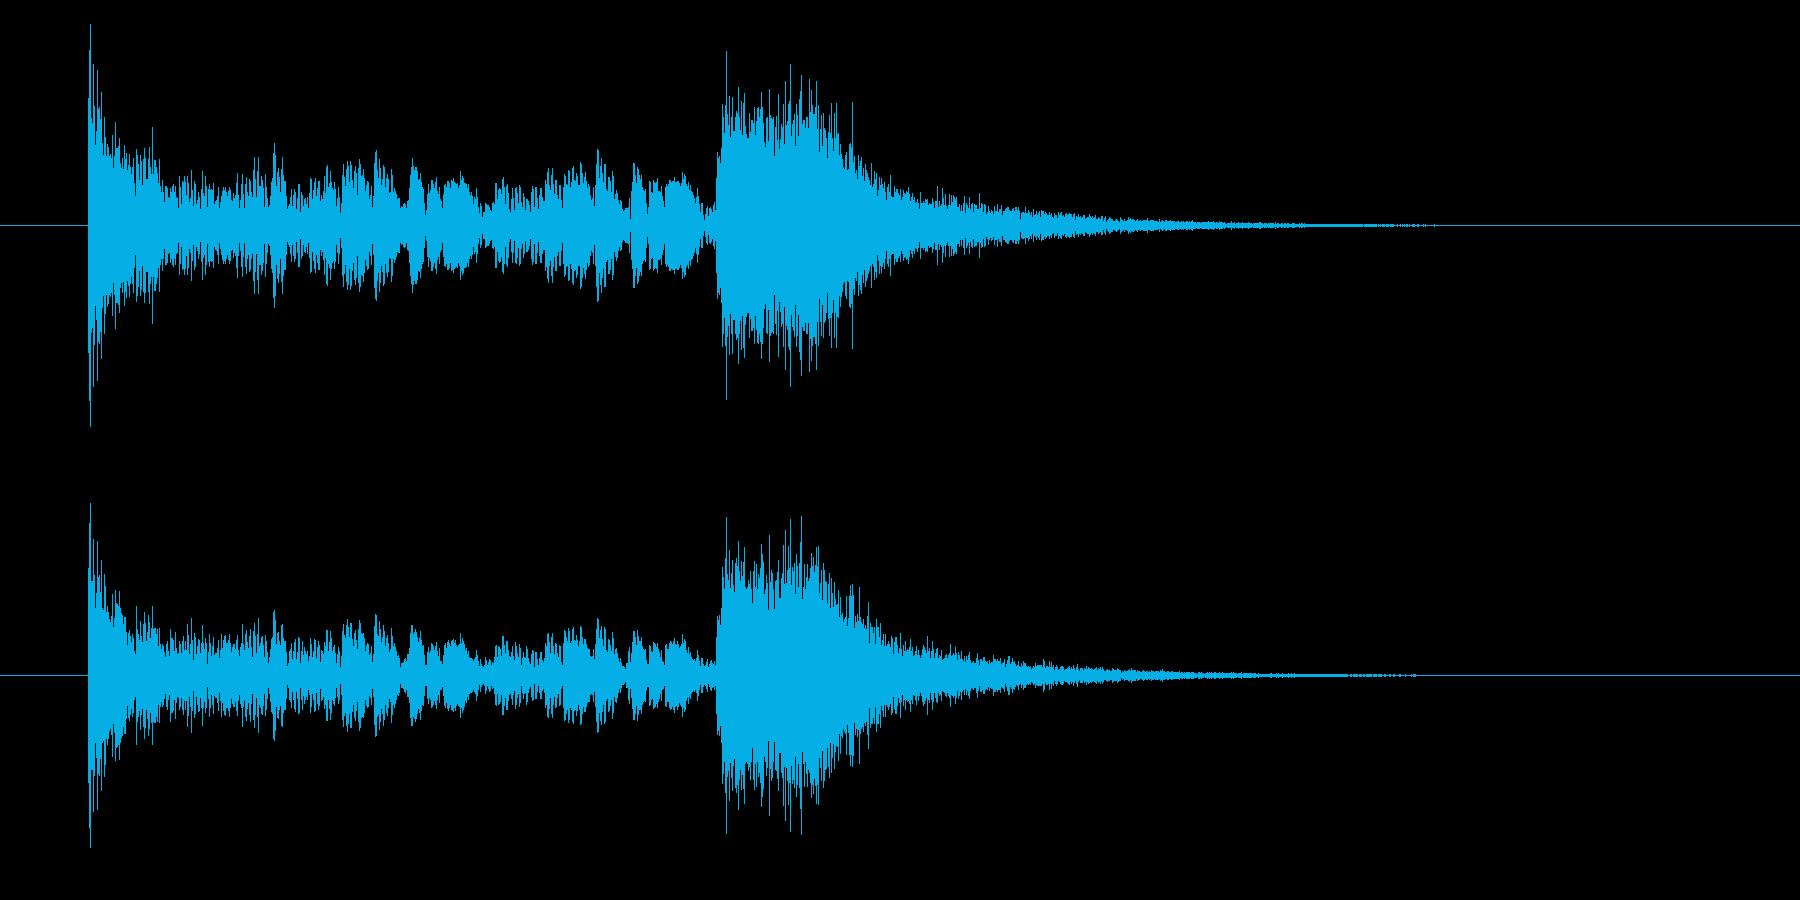 ドン・・ダダン!(重みのある出題音)の再生済みの波形